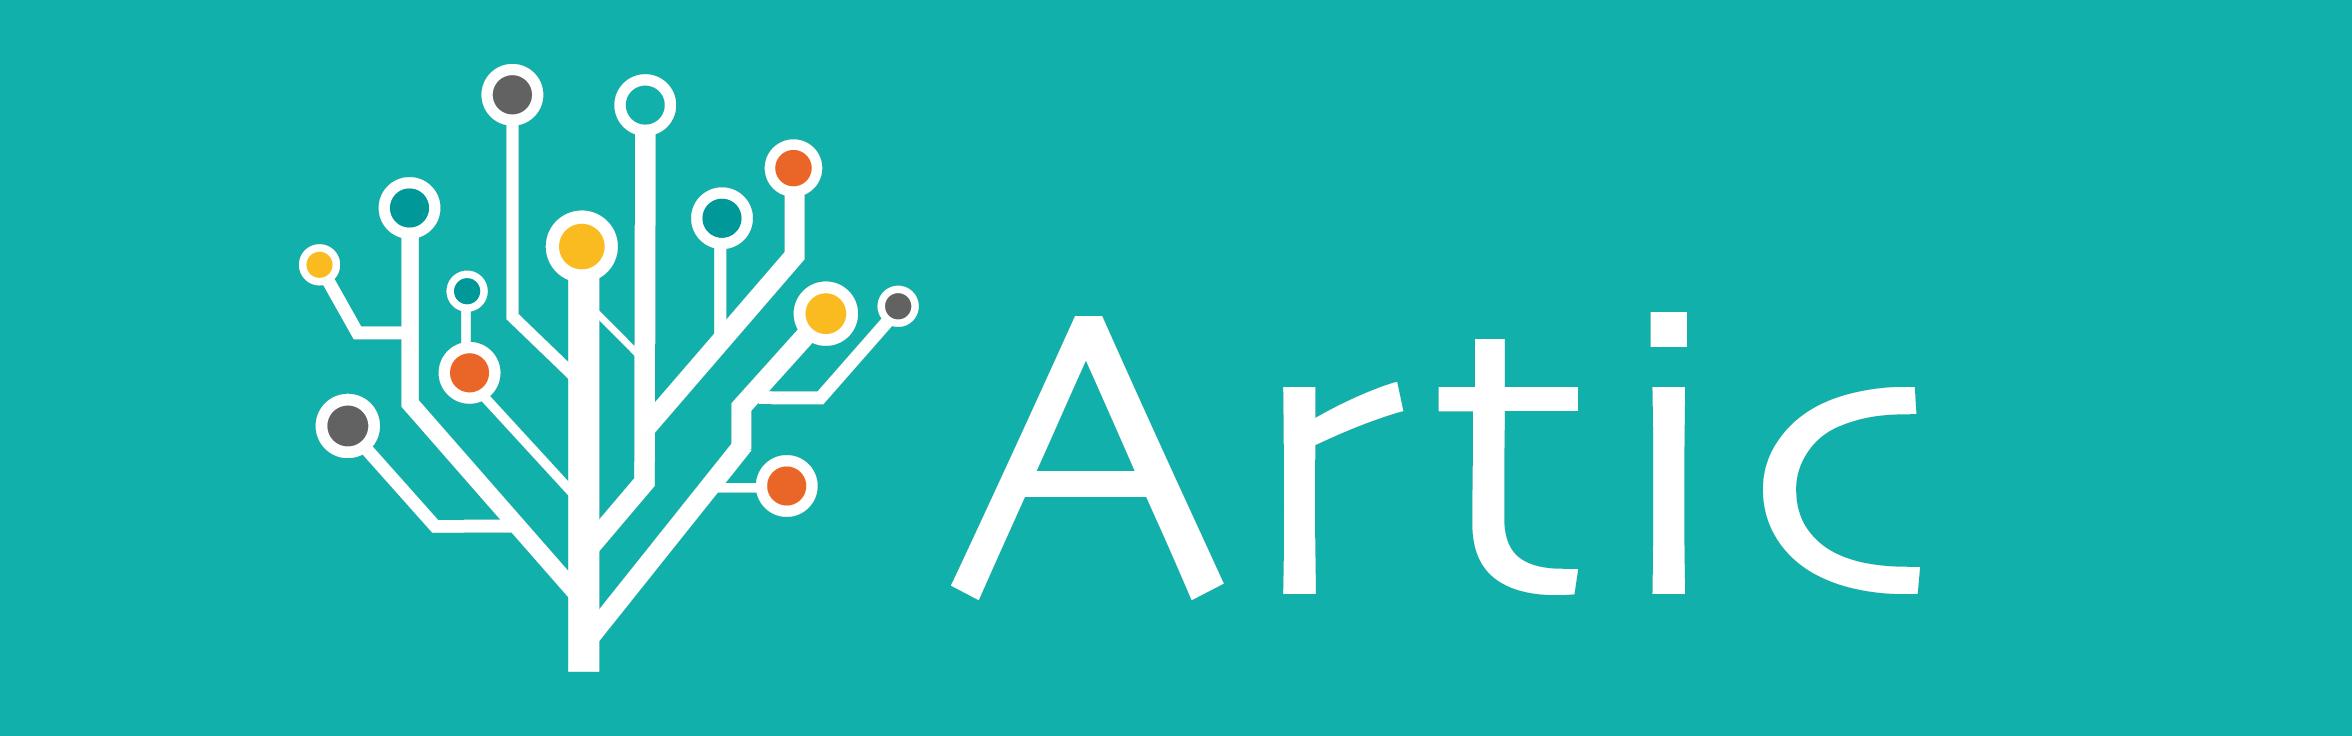 references-clients-logiciels-qualite-gamme-qalitel-scoqi - logo-artic_logiciel_qualite